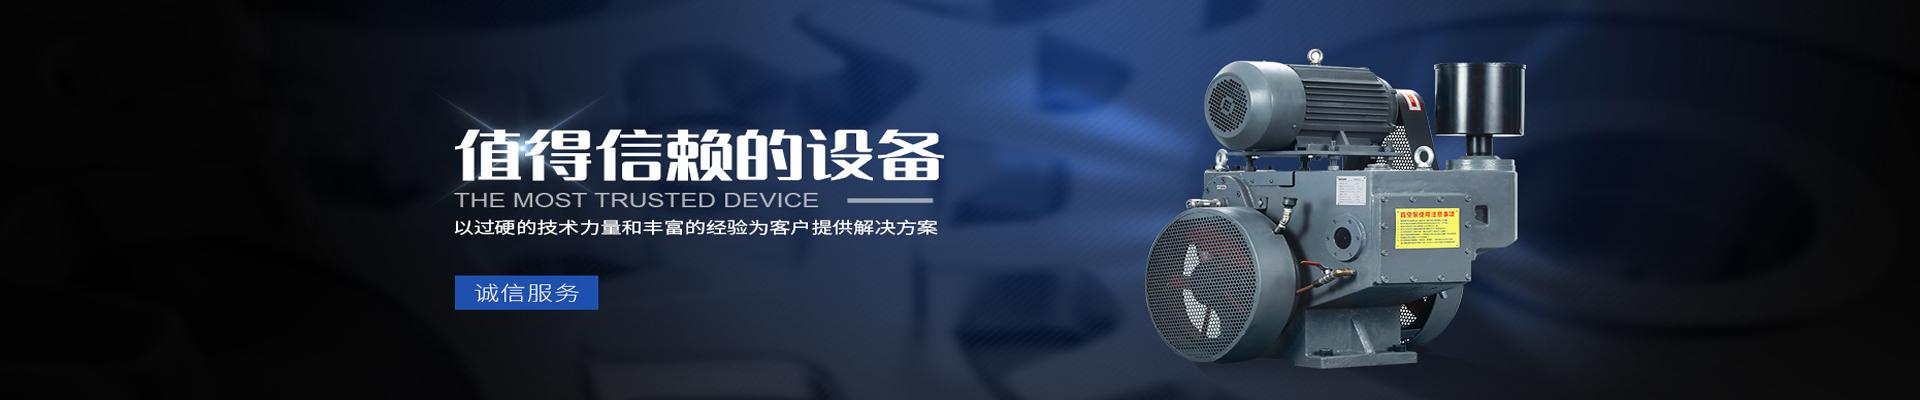 愛德華真空設備股份有限公司公司介紹